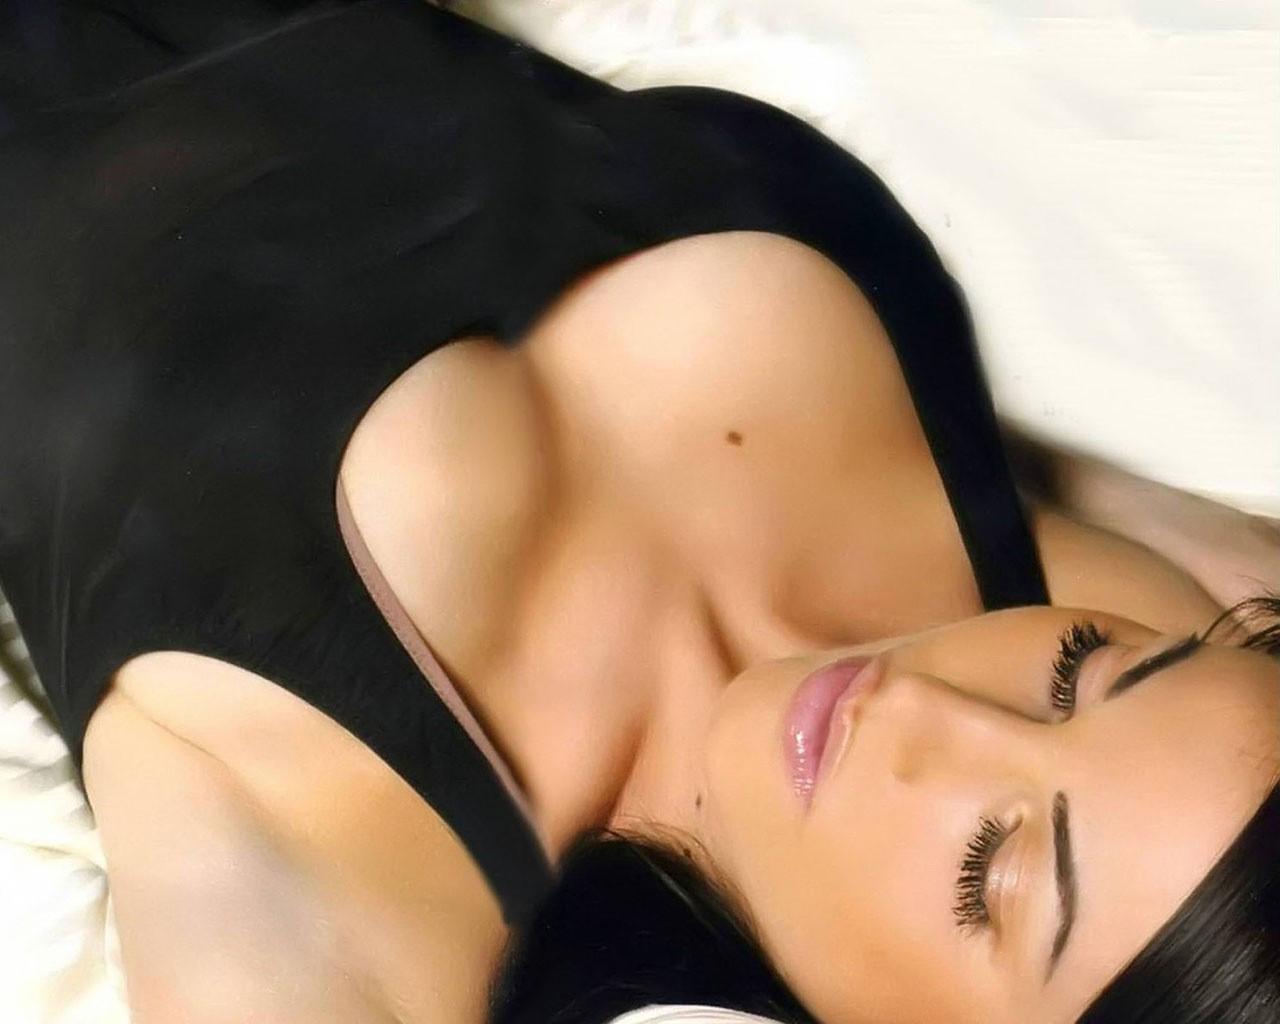 Упругая грудь женская фото 8 фотография